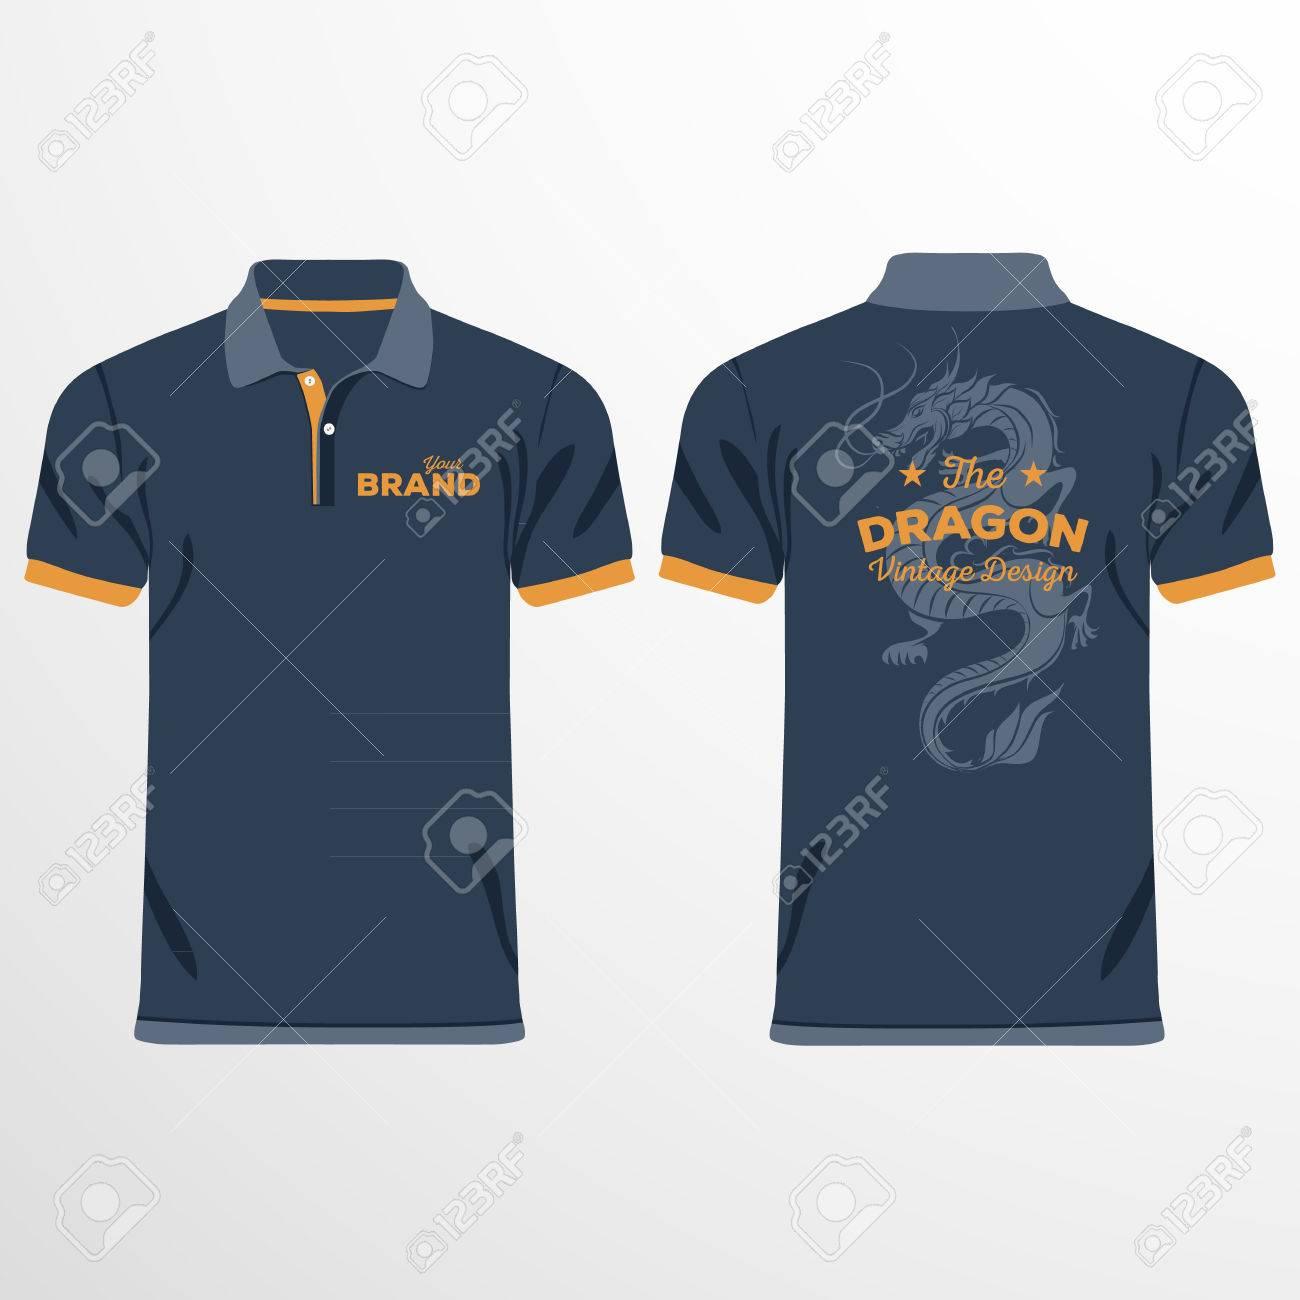 Polo shirt design vector - Color Men Polo Shirts Design Template Vector Illustration Stock Vector 44526534